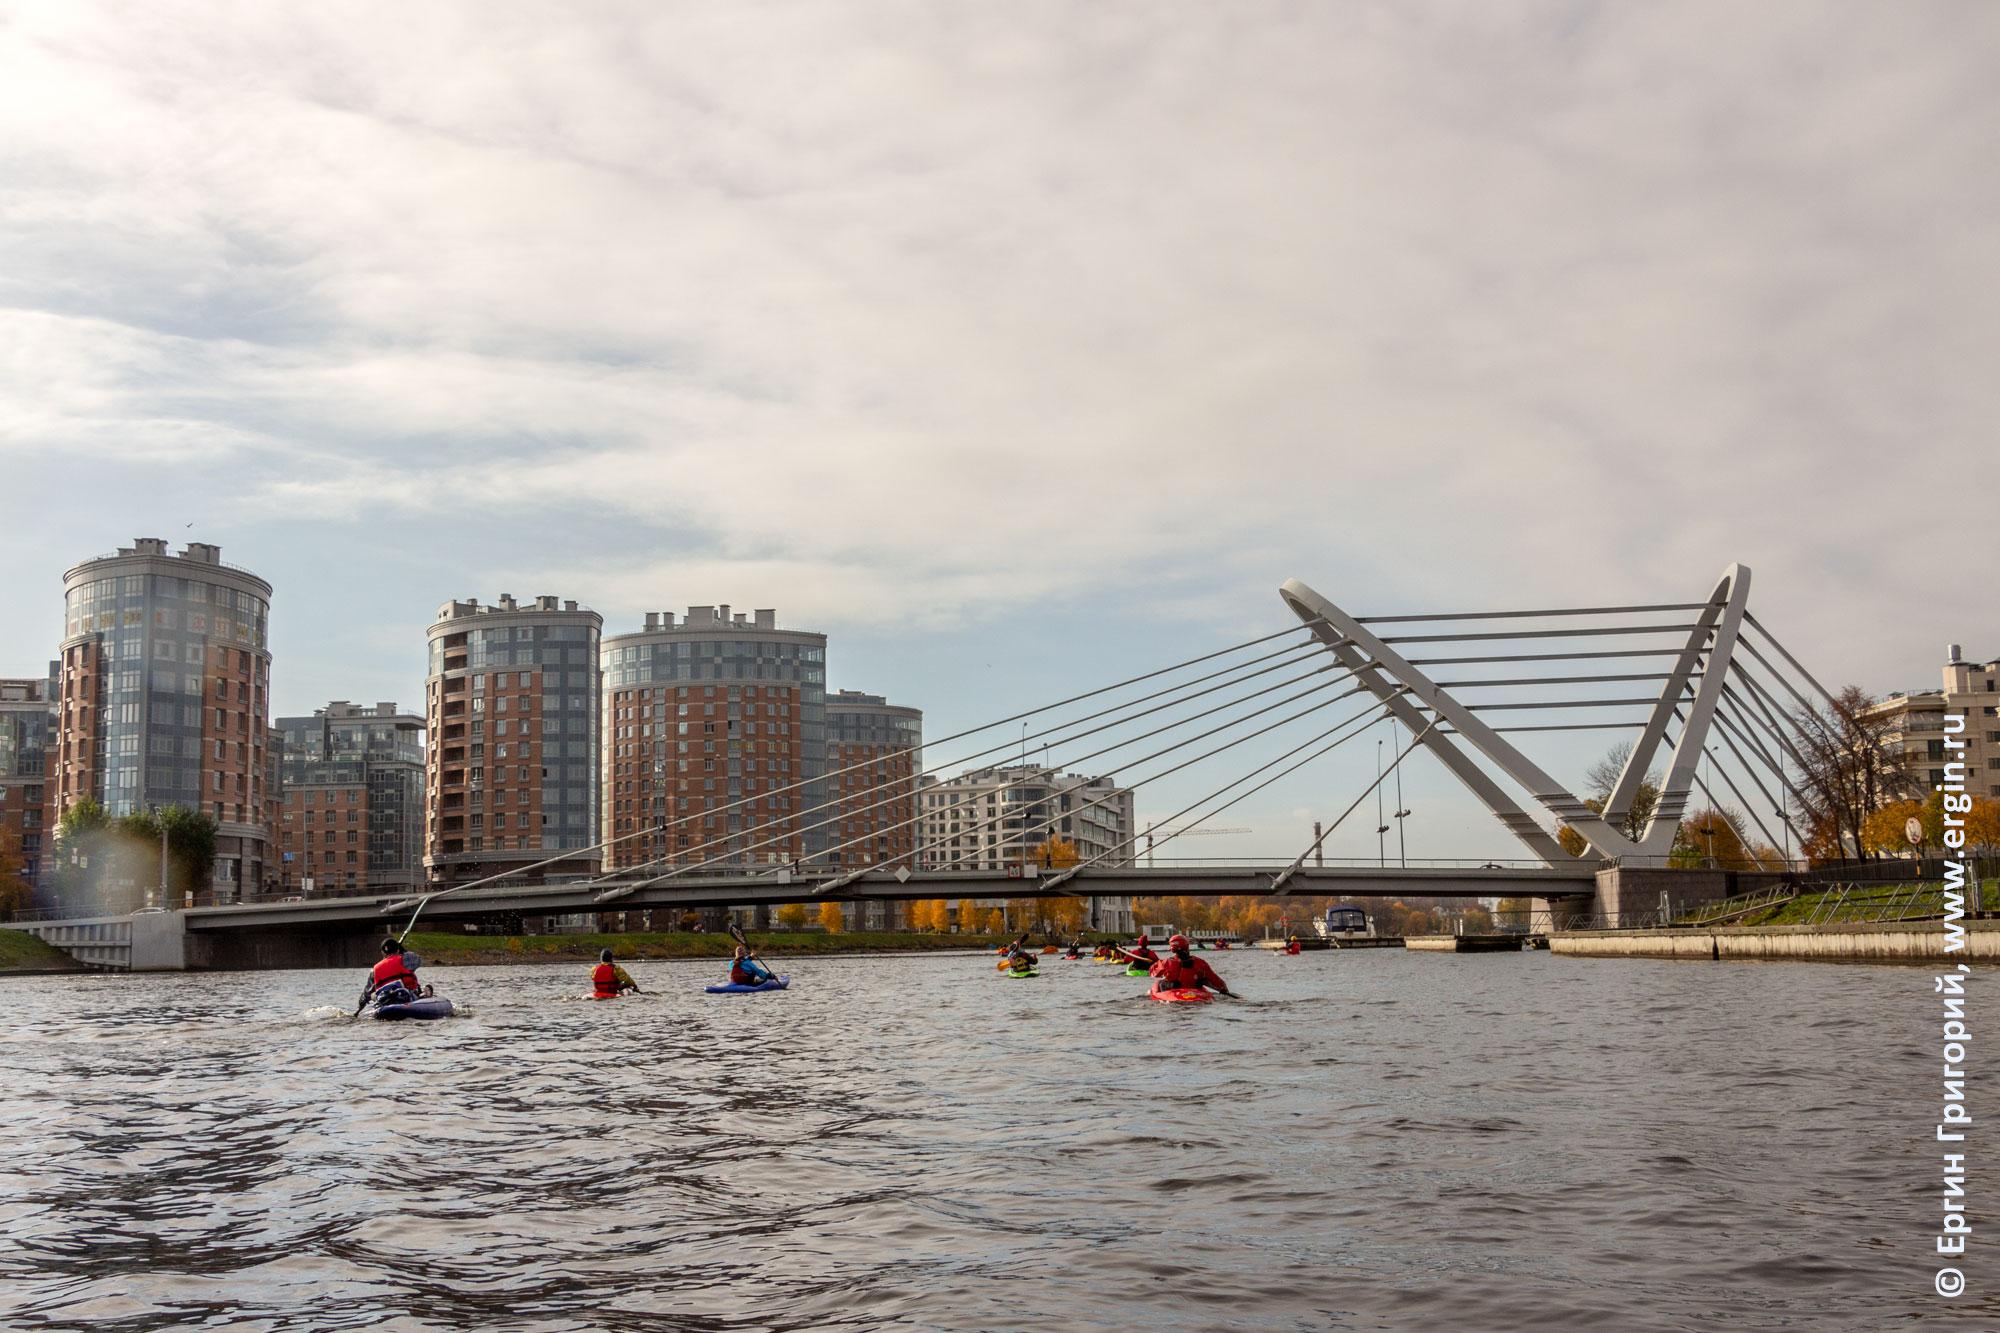 Каяки под Лазаревским мостом в Санкт-Петербурге